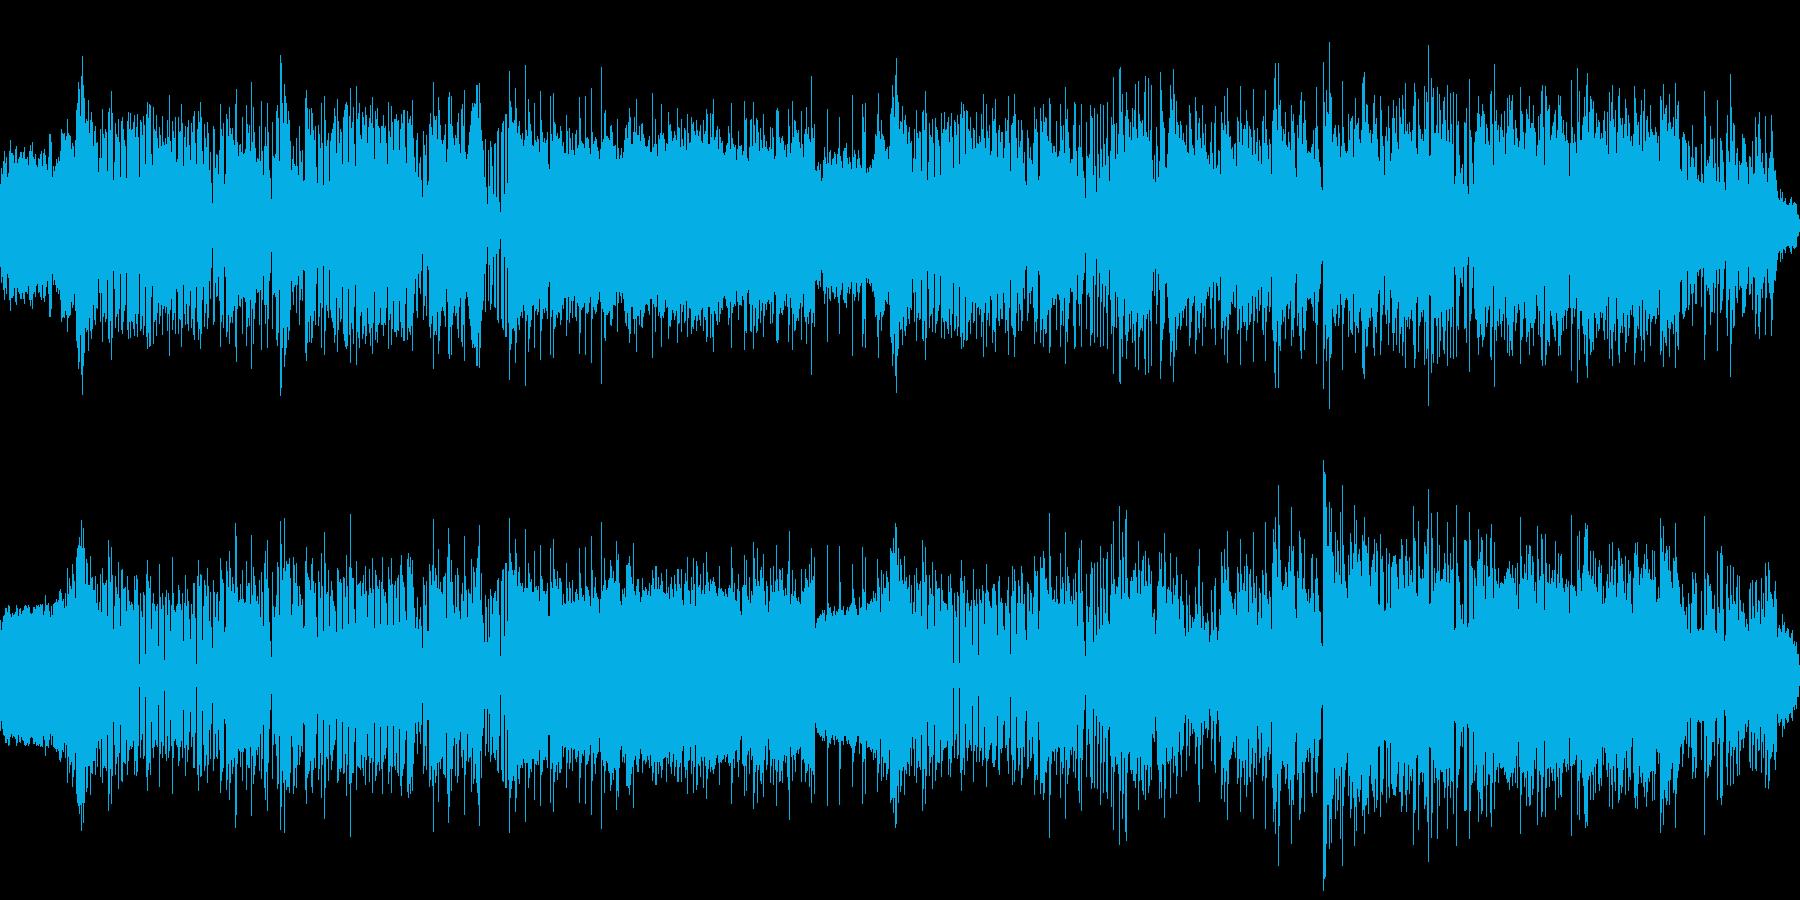 レトロでキメの効いたクールなハードロックの再生済みの波形